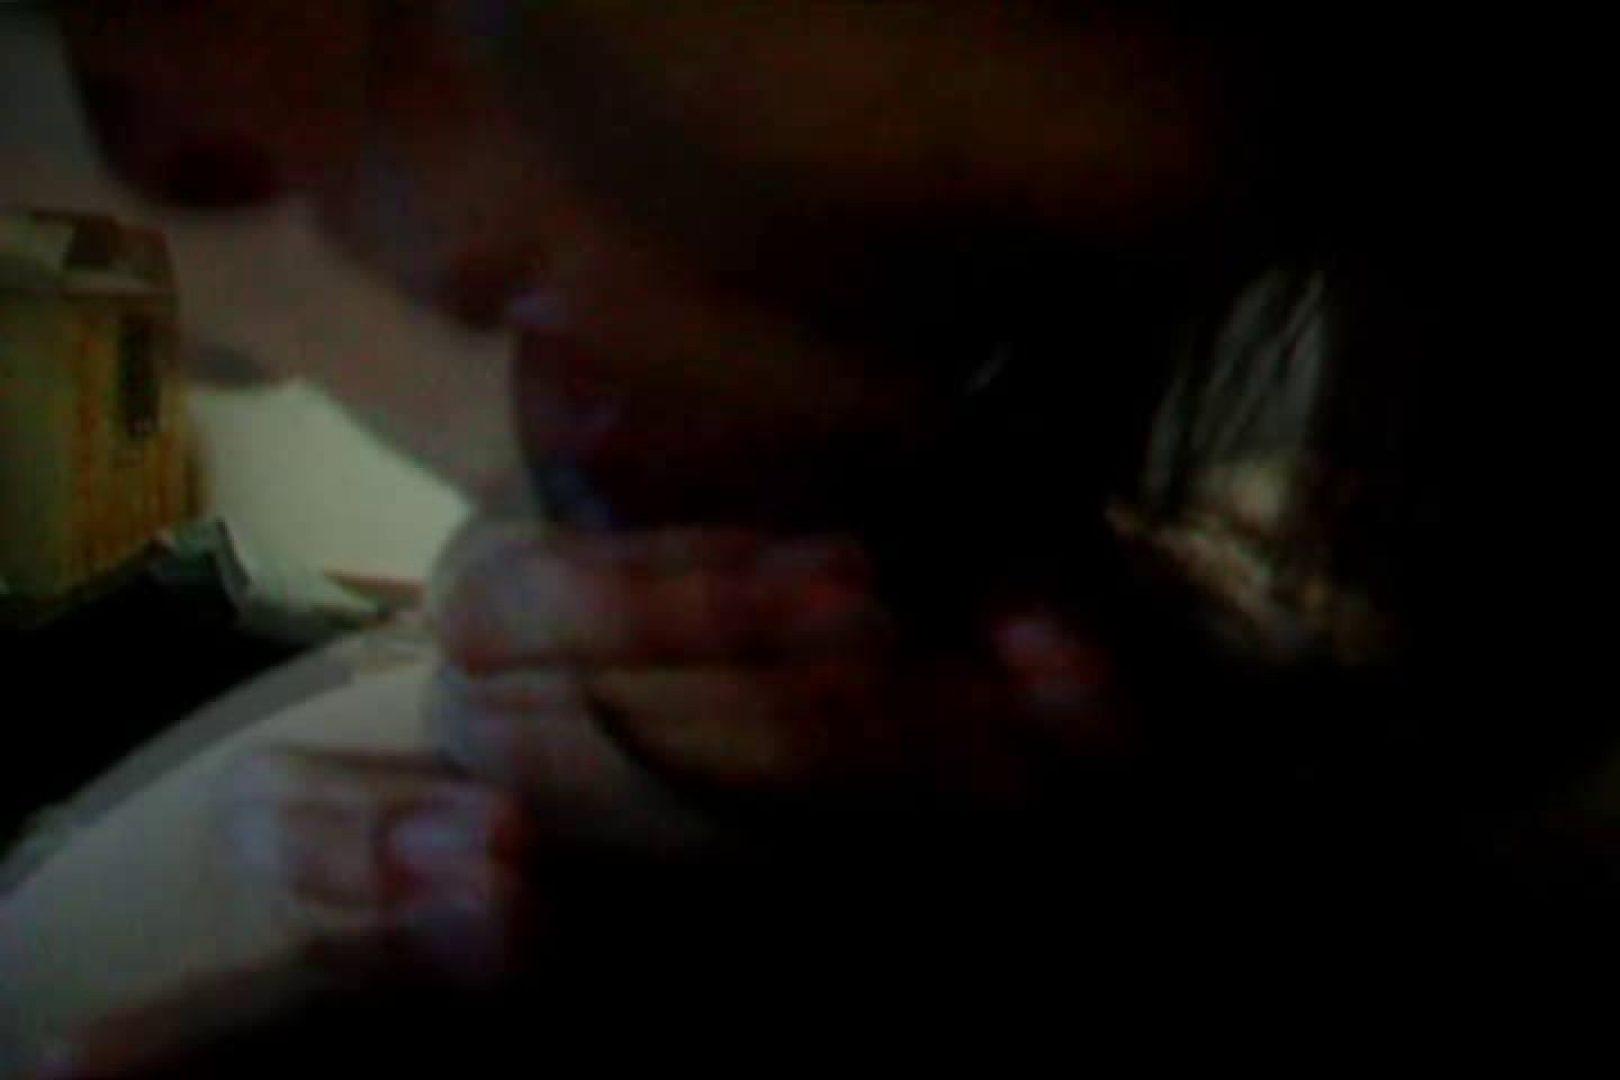 ウイルス流出 鹿児島県庁職員 中瀬瀬久成の流出ビデオ 流出作品 | 0  101画像 73